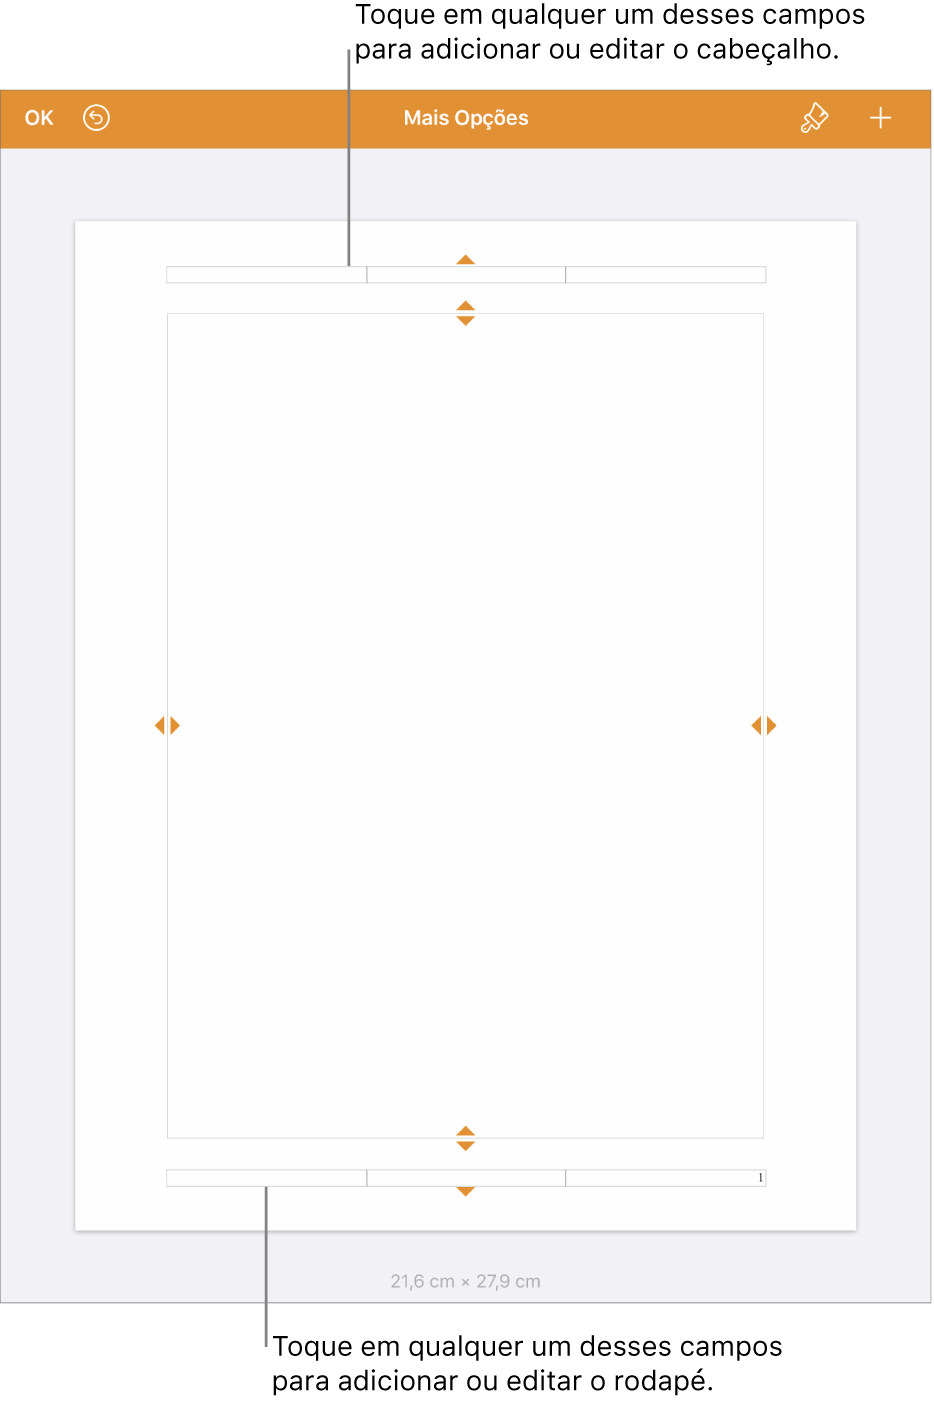 Visualização Mais Opções, com três campos na parte superior do documento para o cabeçalho e três campos na parte inferior para o rodapé.